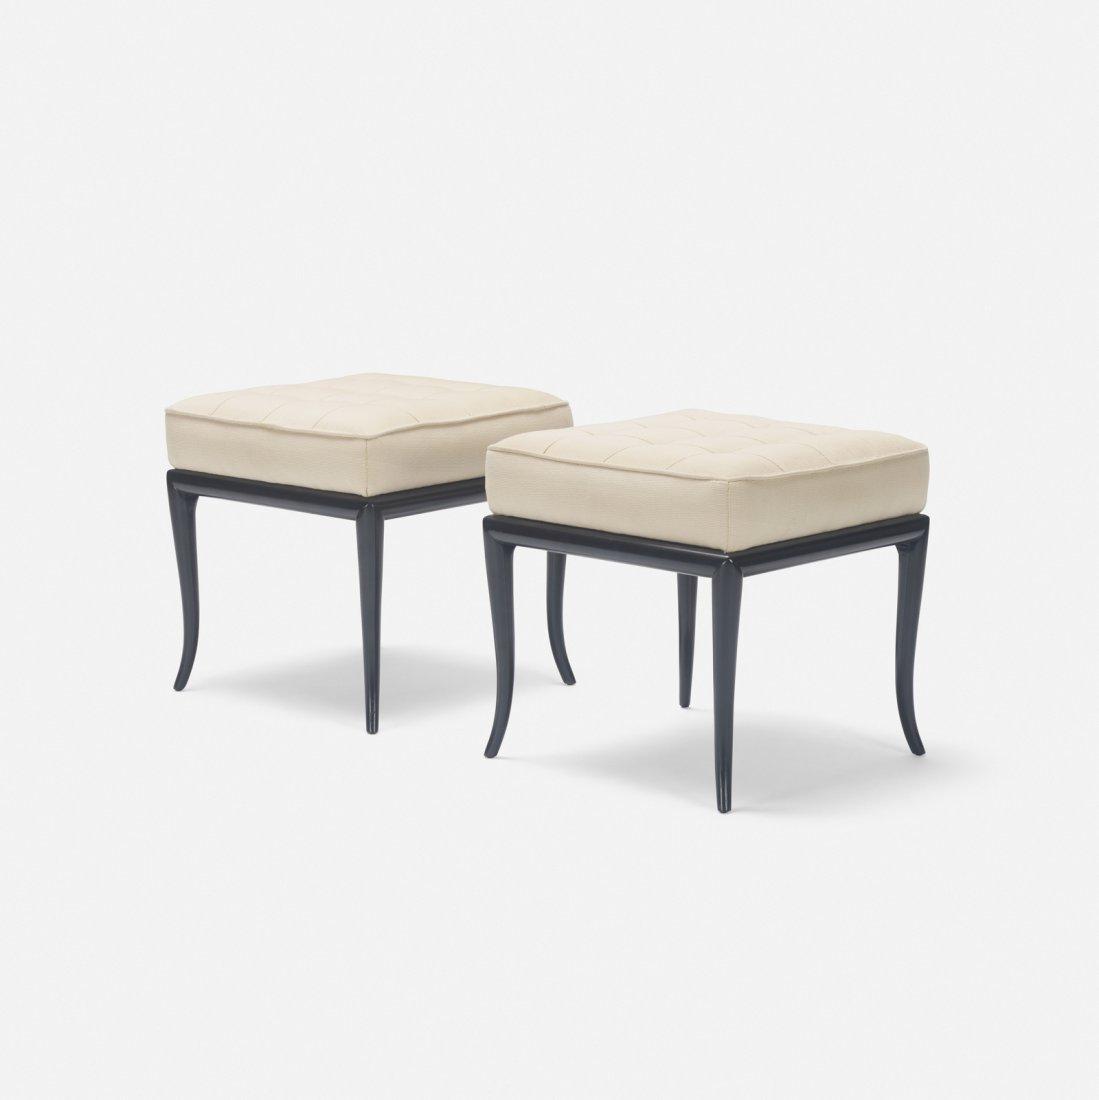 T.H. Robsjohn-Gibbings, benches, pair